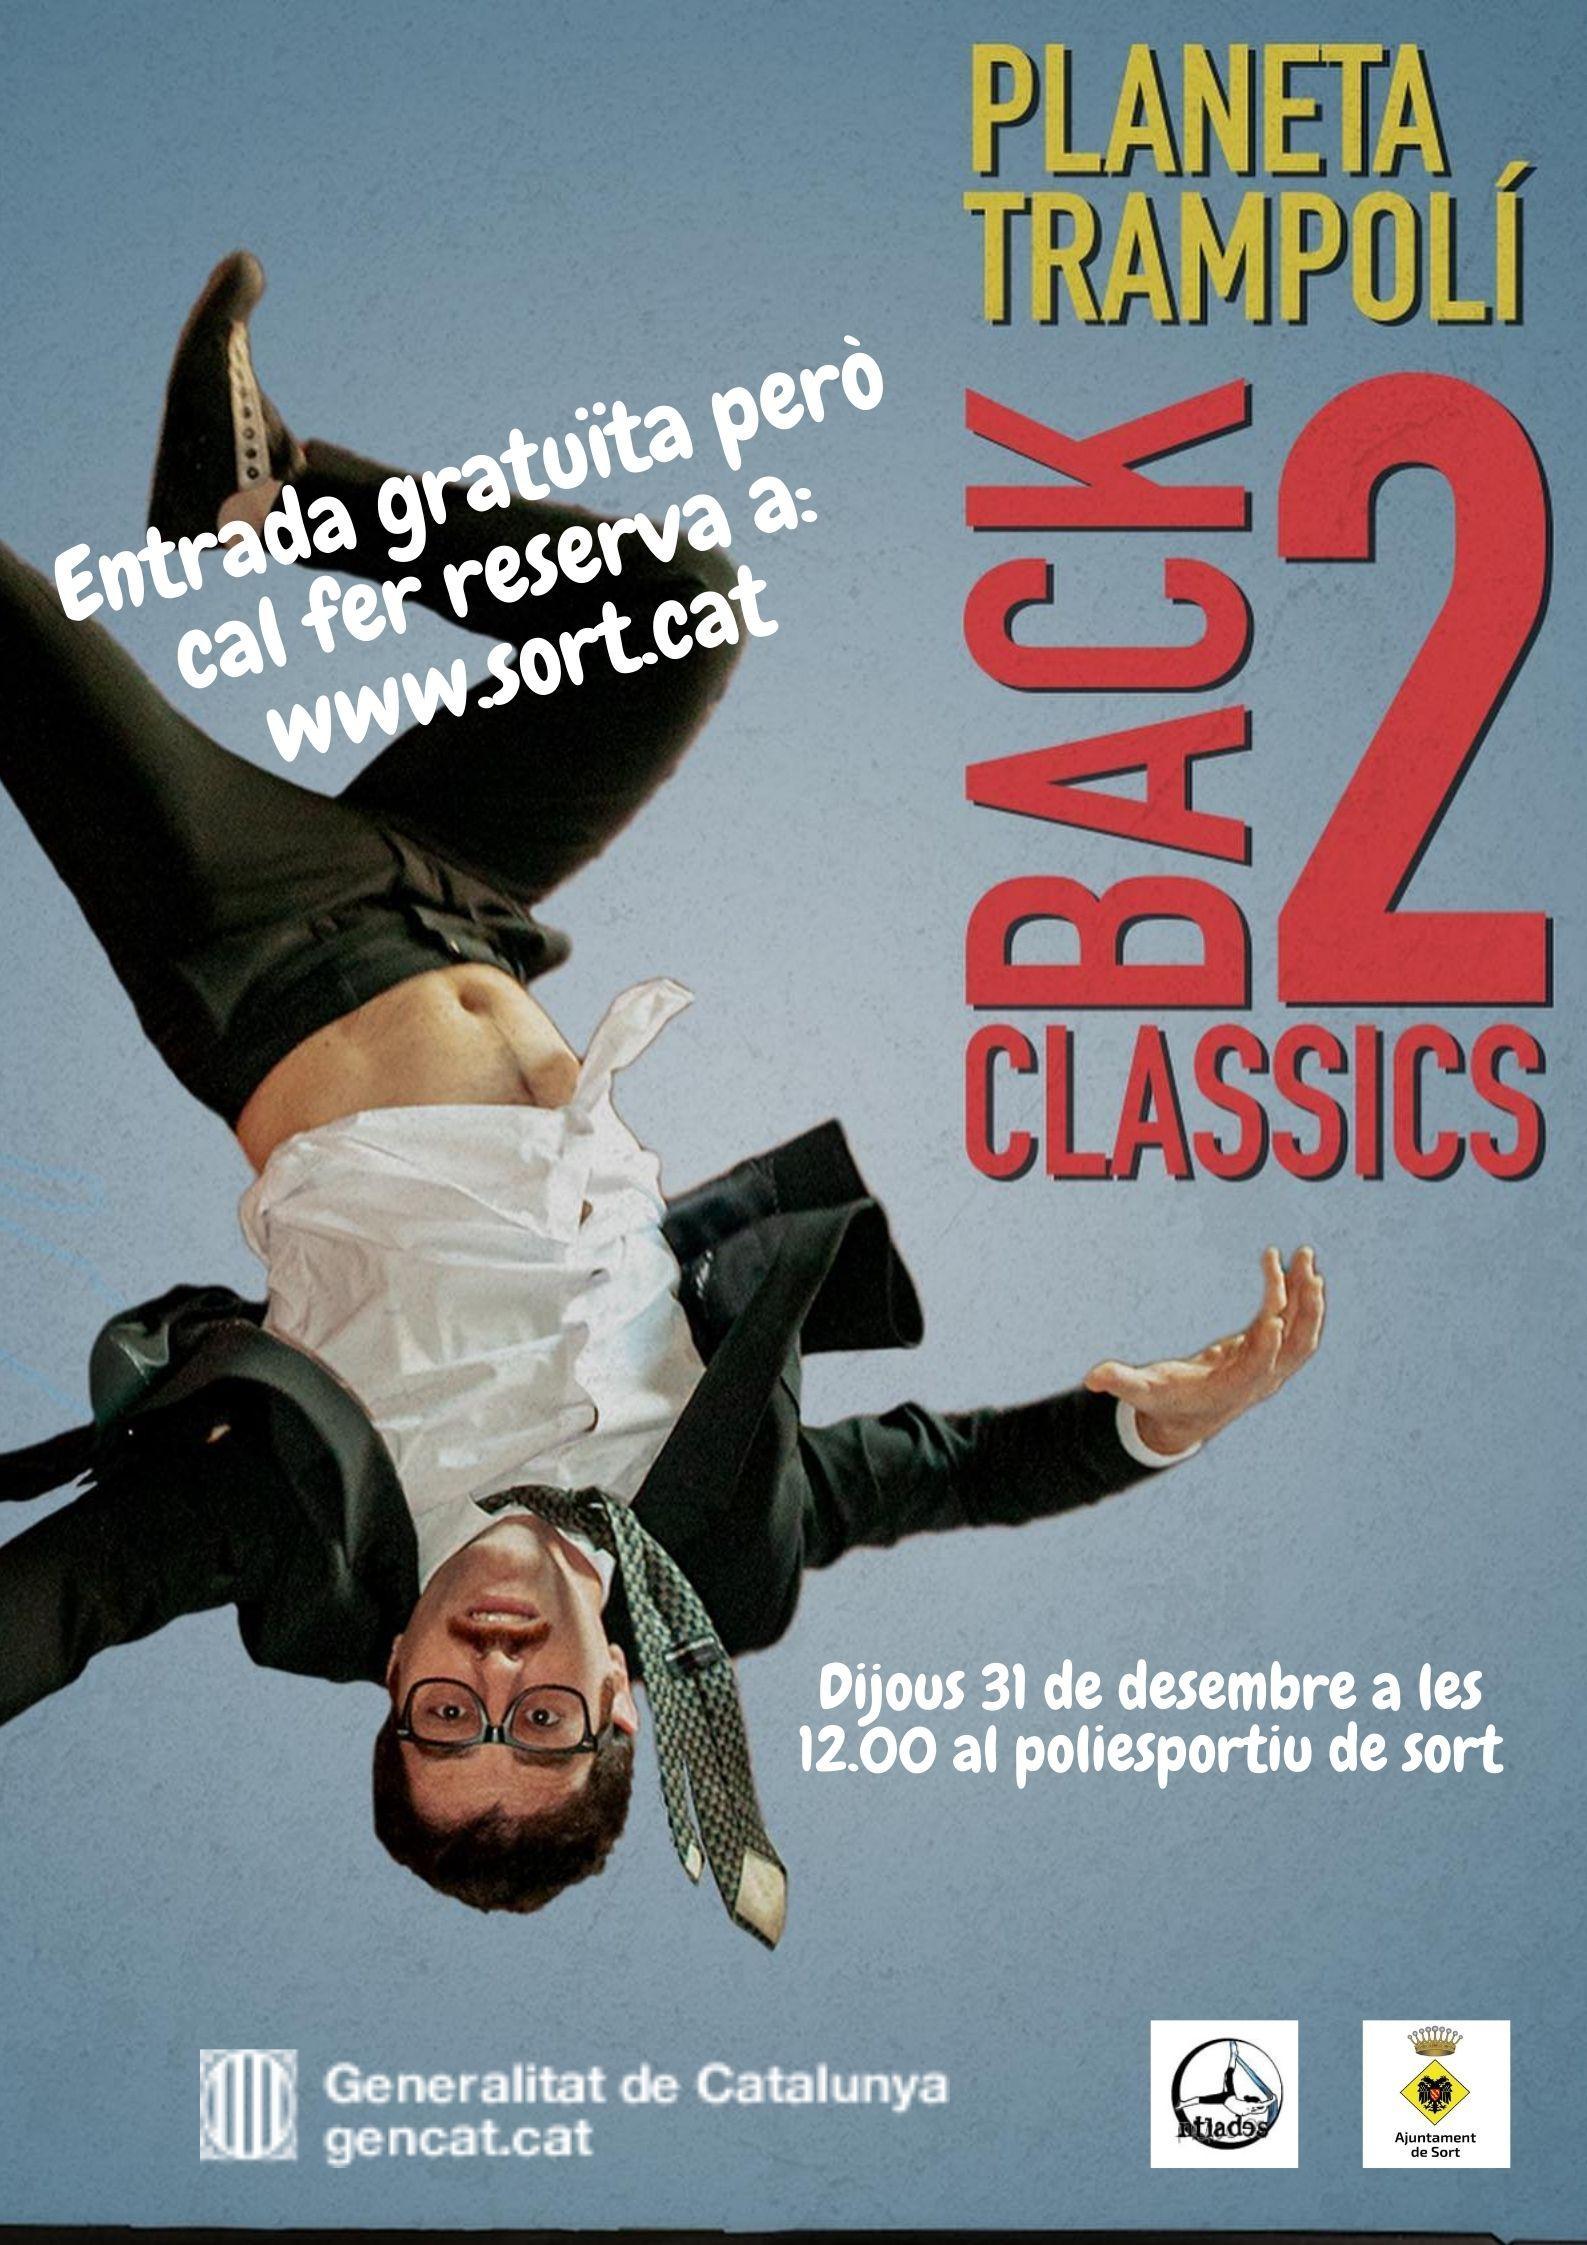 Back 2 classics, espectacle Planeta Trampoli, pobles de circ